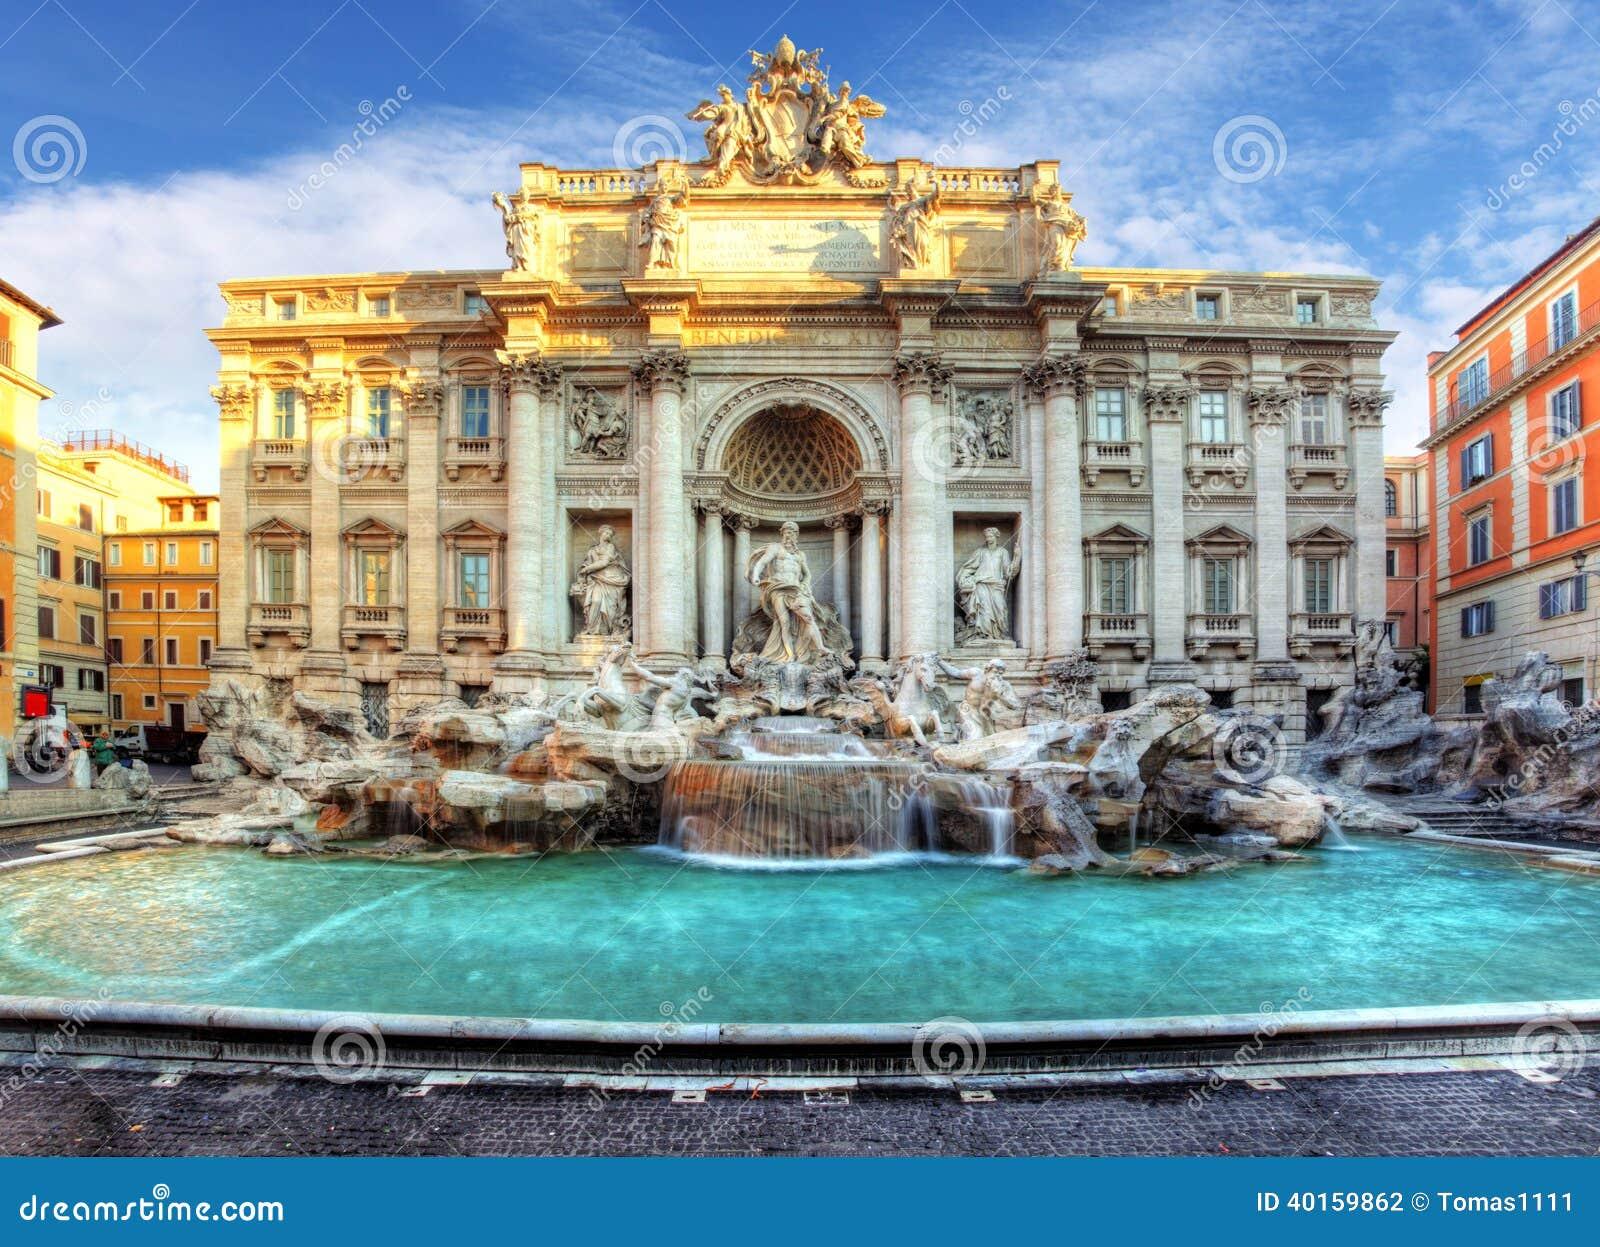 Fuente del Trevi, Roma, Italia.